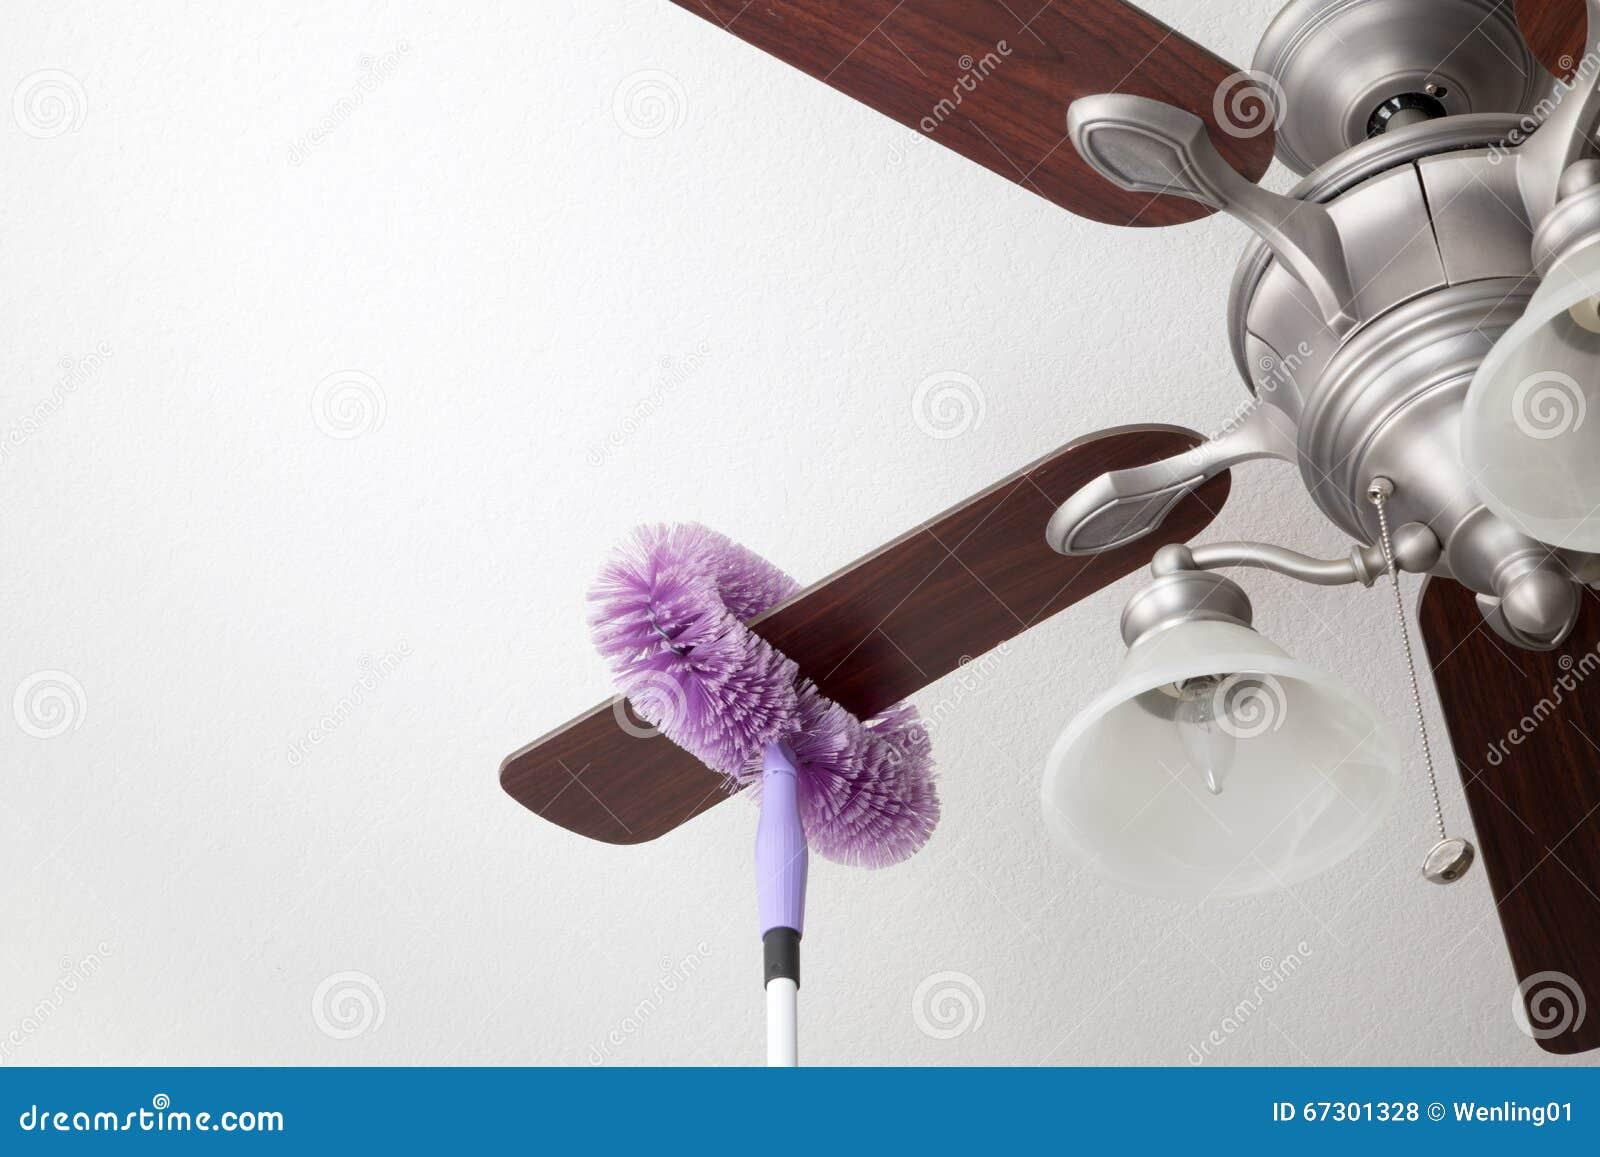 Cleaning ceiling fan